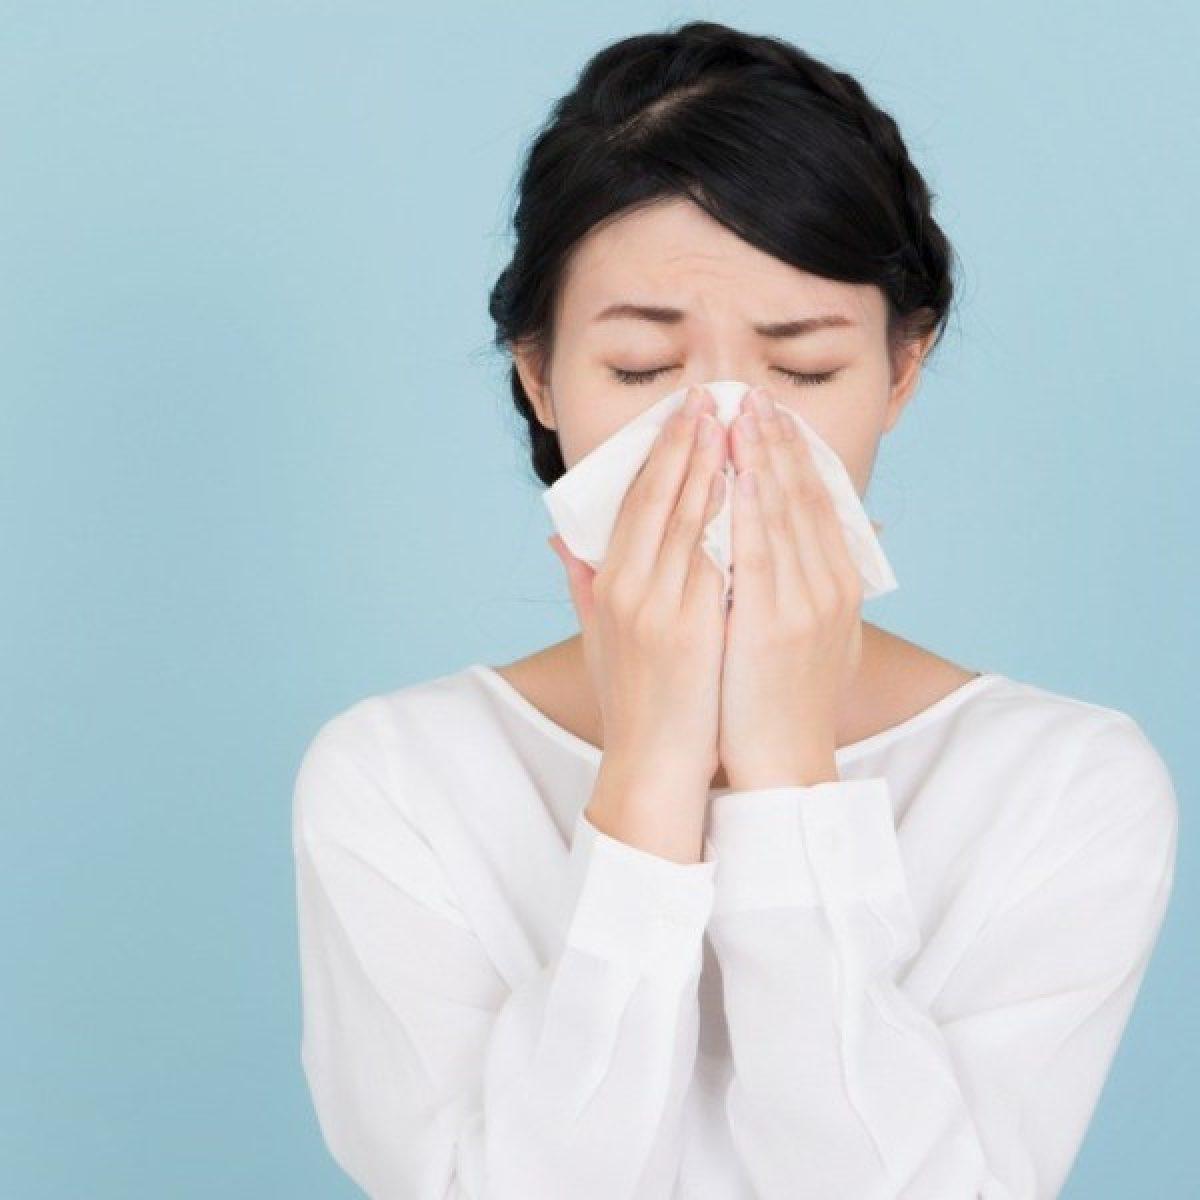 Γρίπη 2019: Το εμβόλιο της γρίπης και οι οδηγίες από το υπουργείο Υγείας